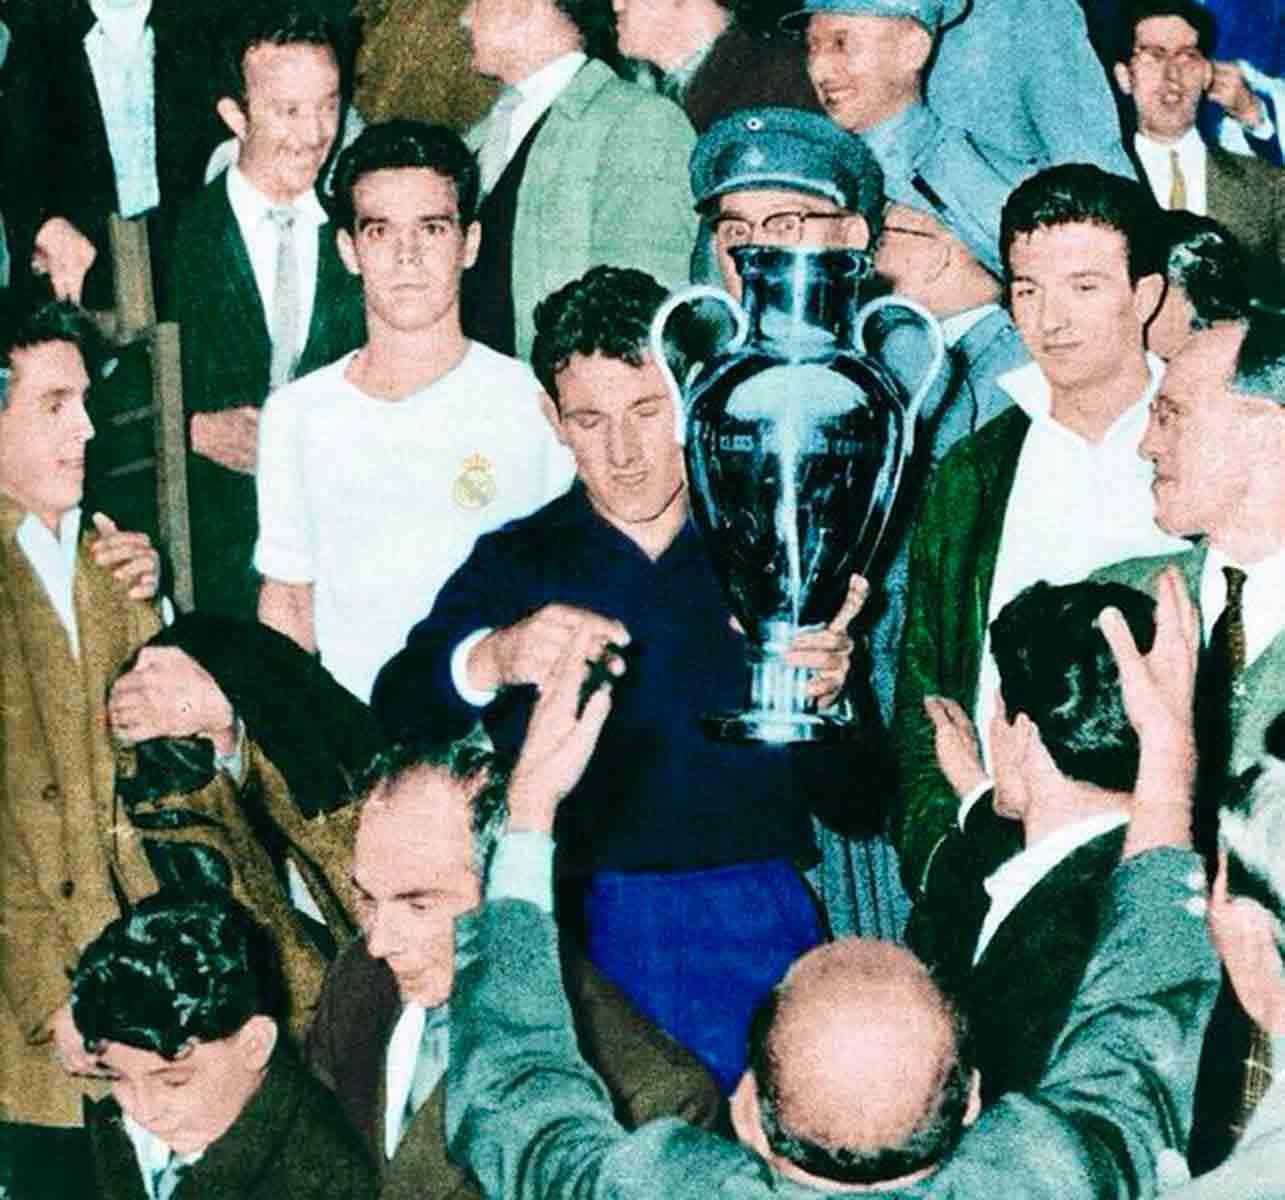 Juanito Alonso Copa de Europa